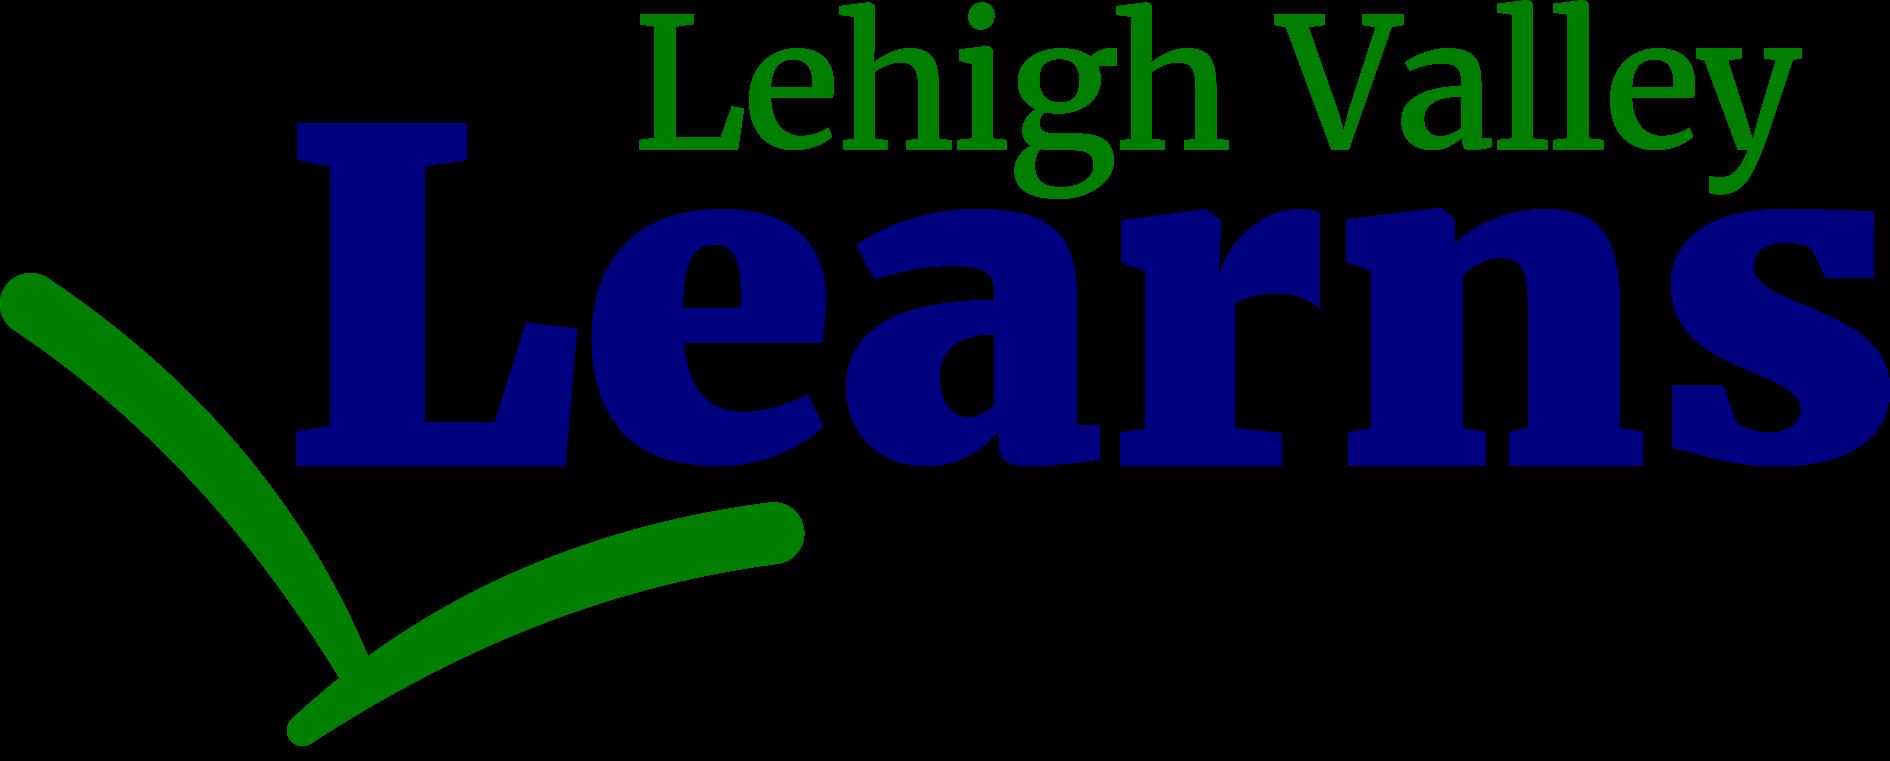 Lehigh Valley Learns